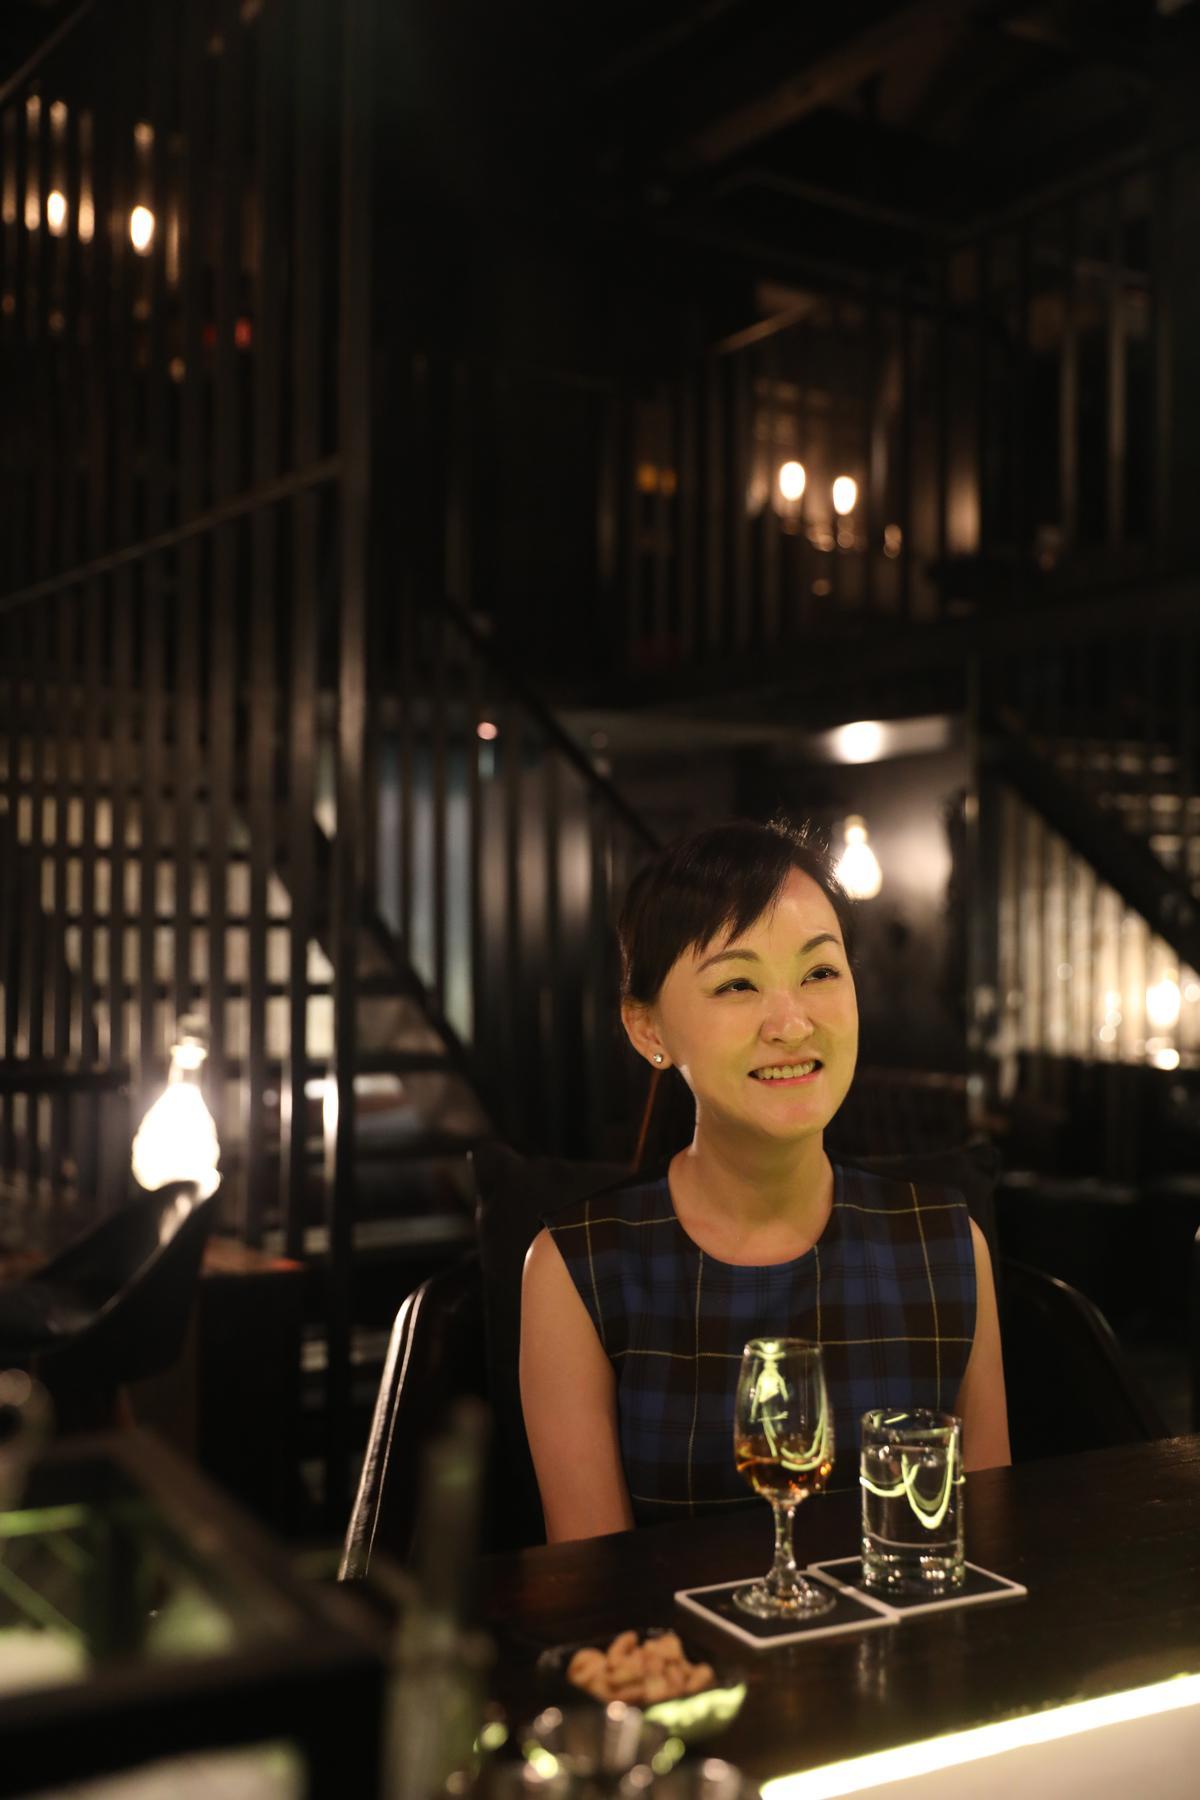 Julie在中國闖蕩數年,一步一腳印累積了對當地烈酒市場的深入理解與準確眼光。